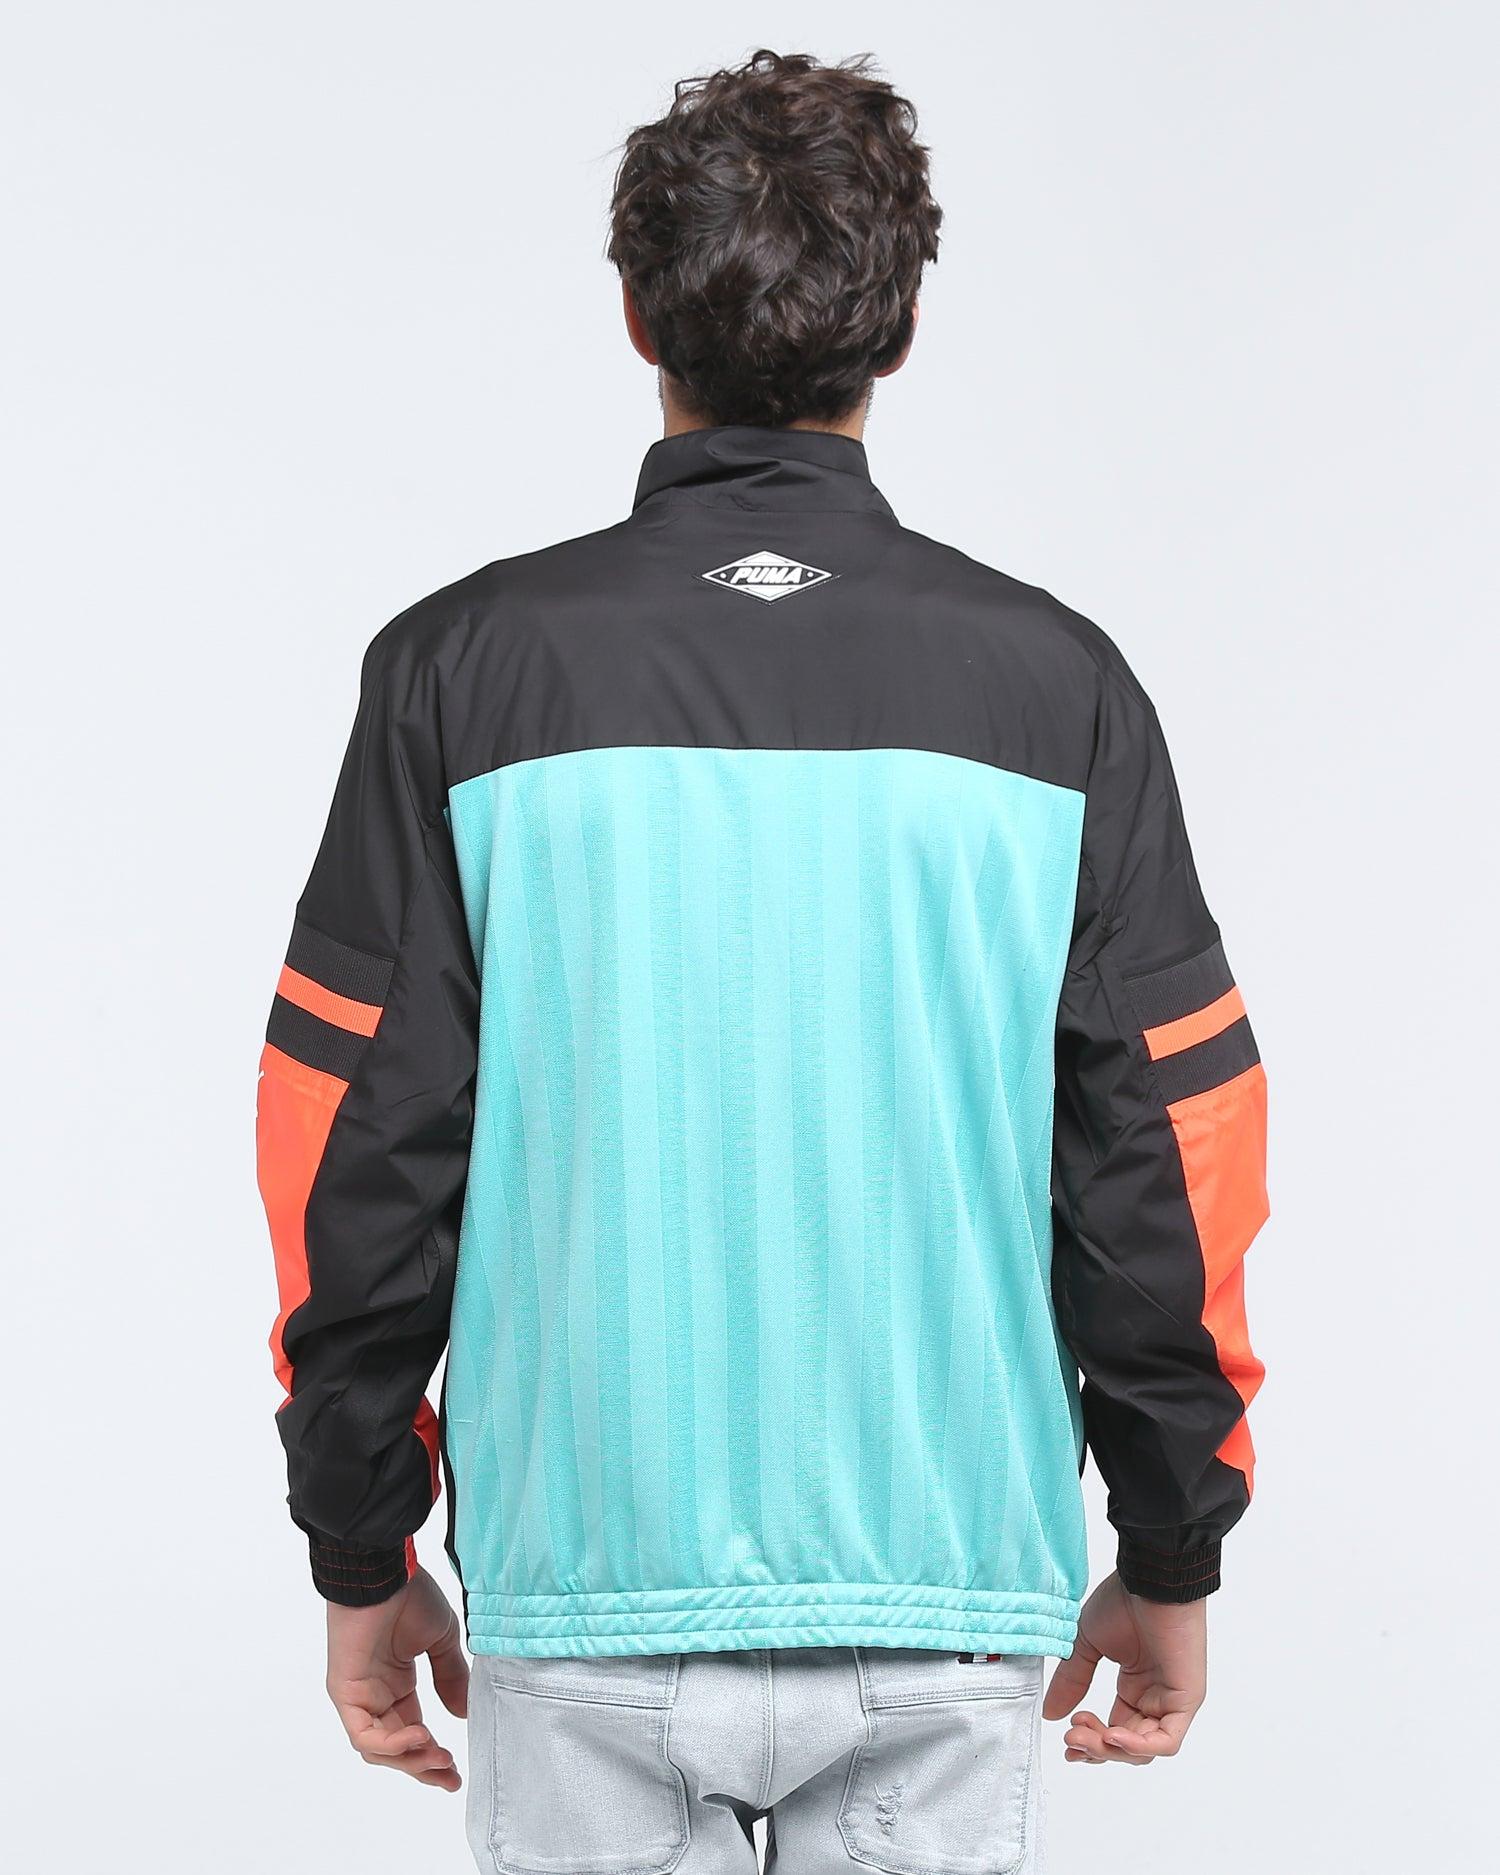 Puma luXTG Woven Jacket Blue Turquoise